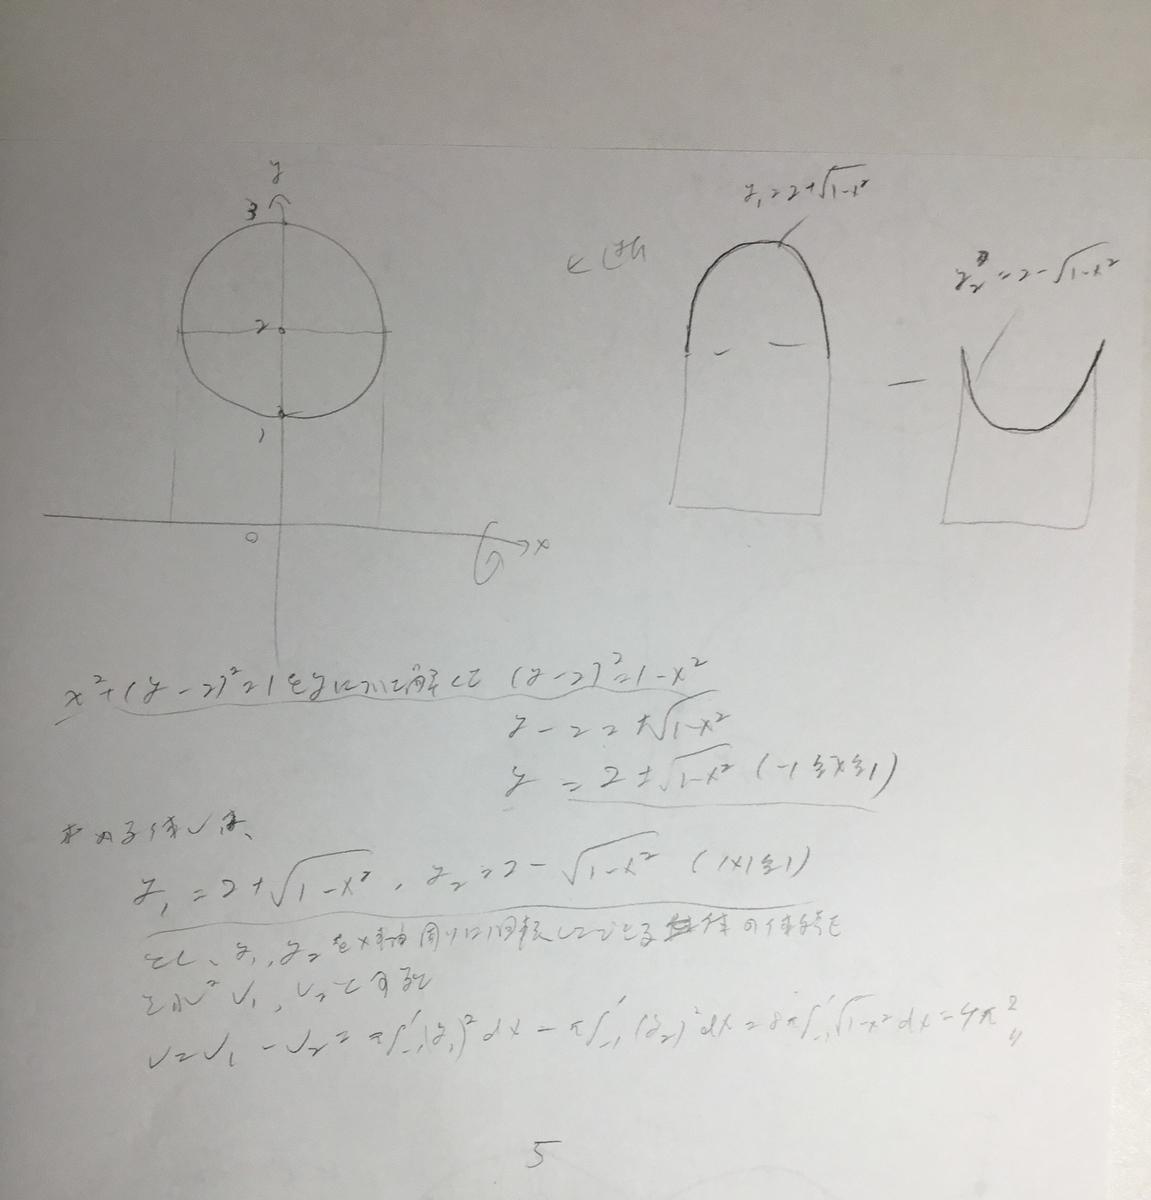 f:id:manaveemath:20200315202735j:plain